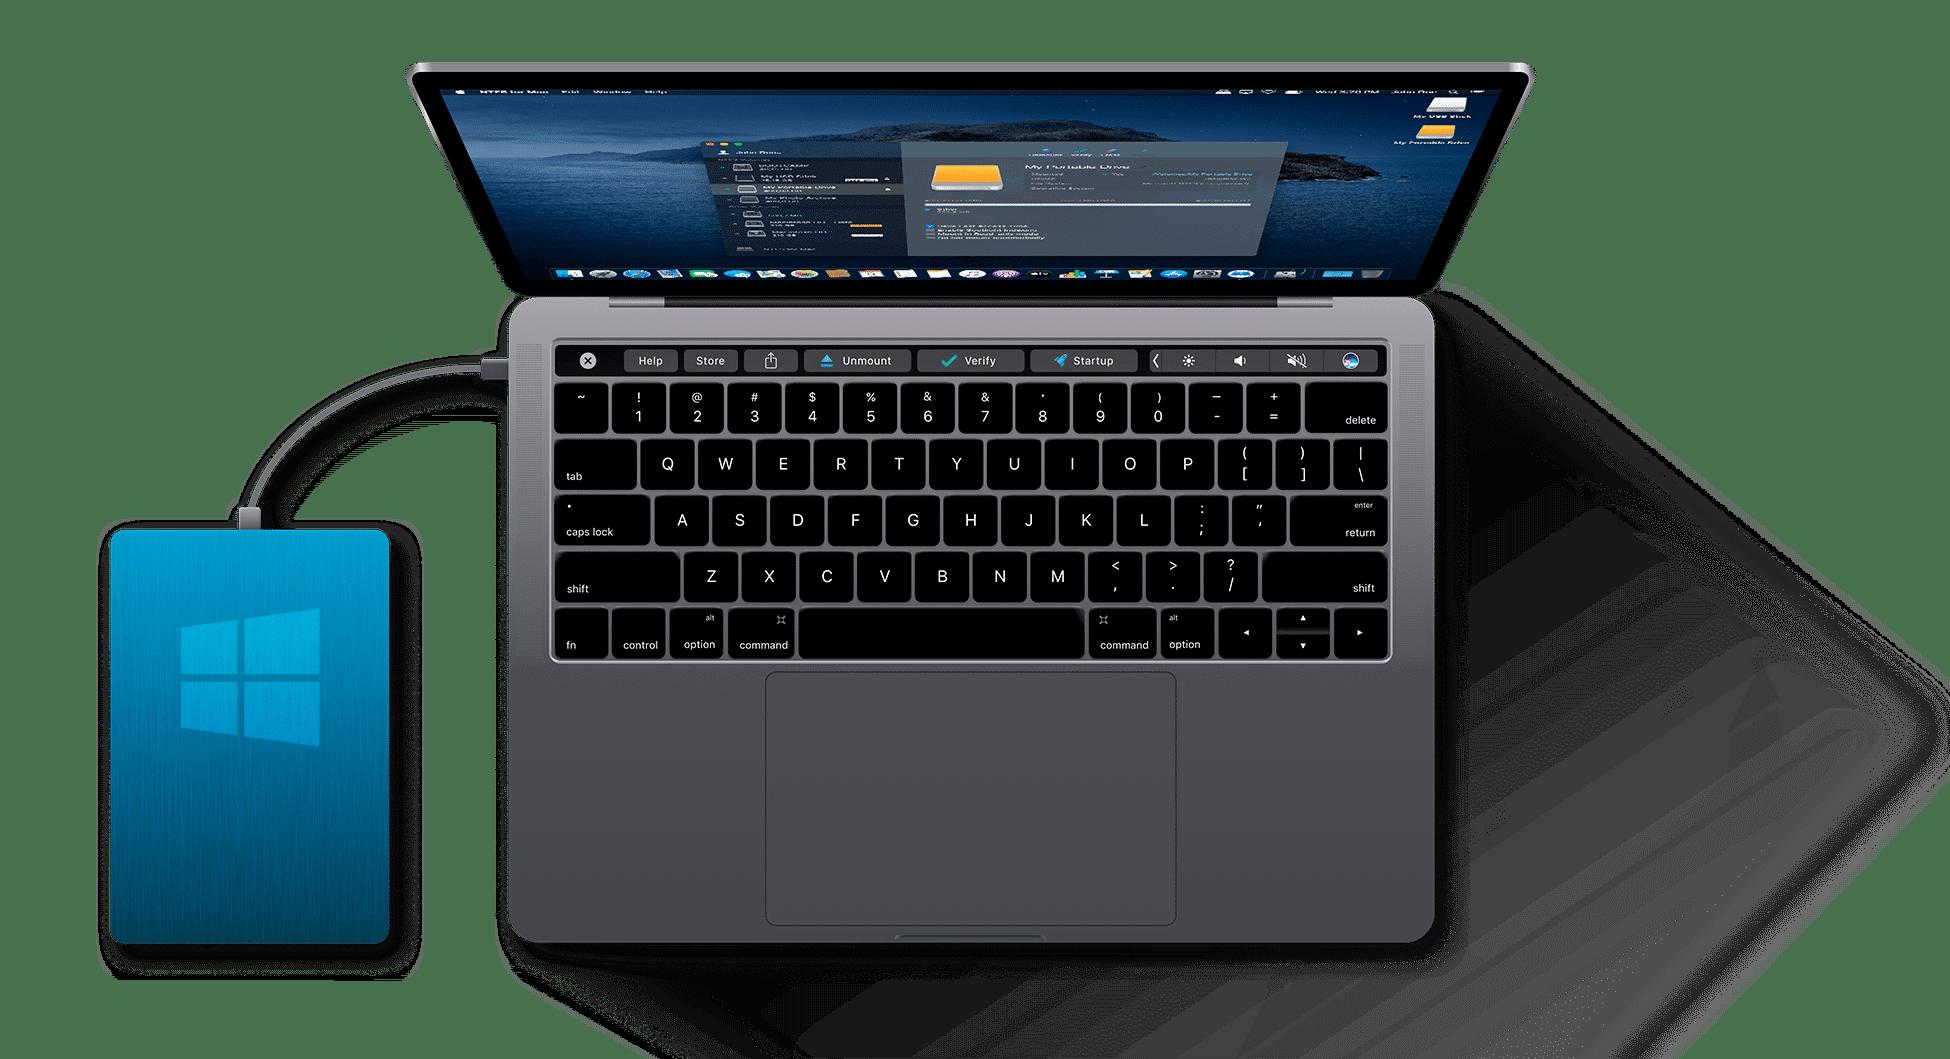 Čo robiť, keď nefunguje externý pevný disk z Windowsu na Macu?